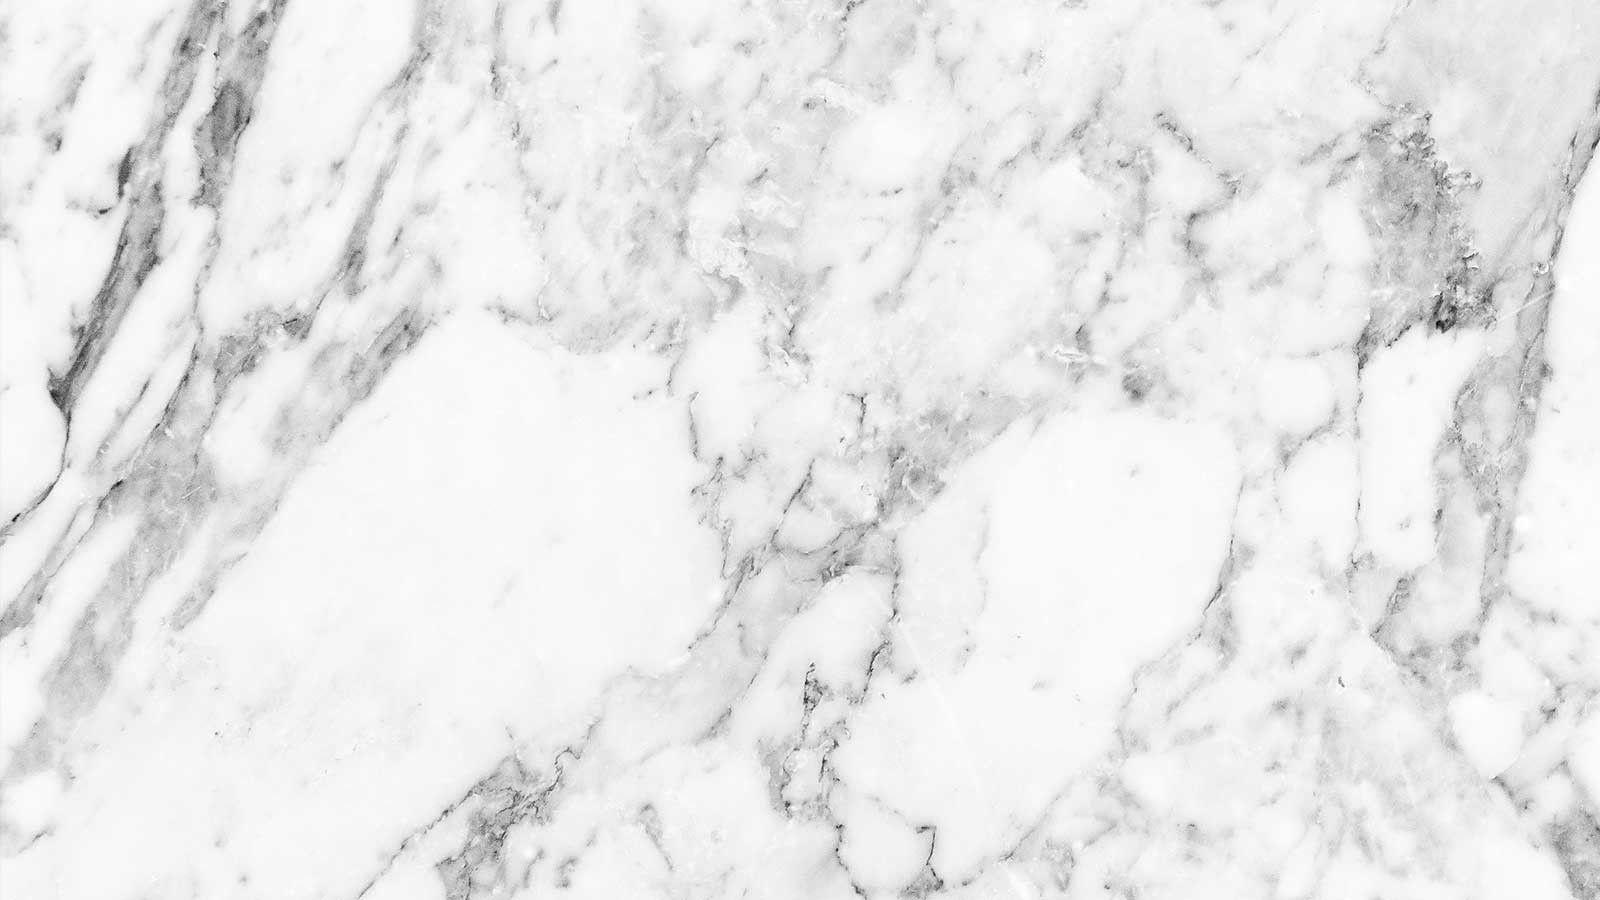 Beautiful marble wallpaper shshi bg pinterest for White marble background